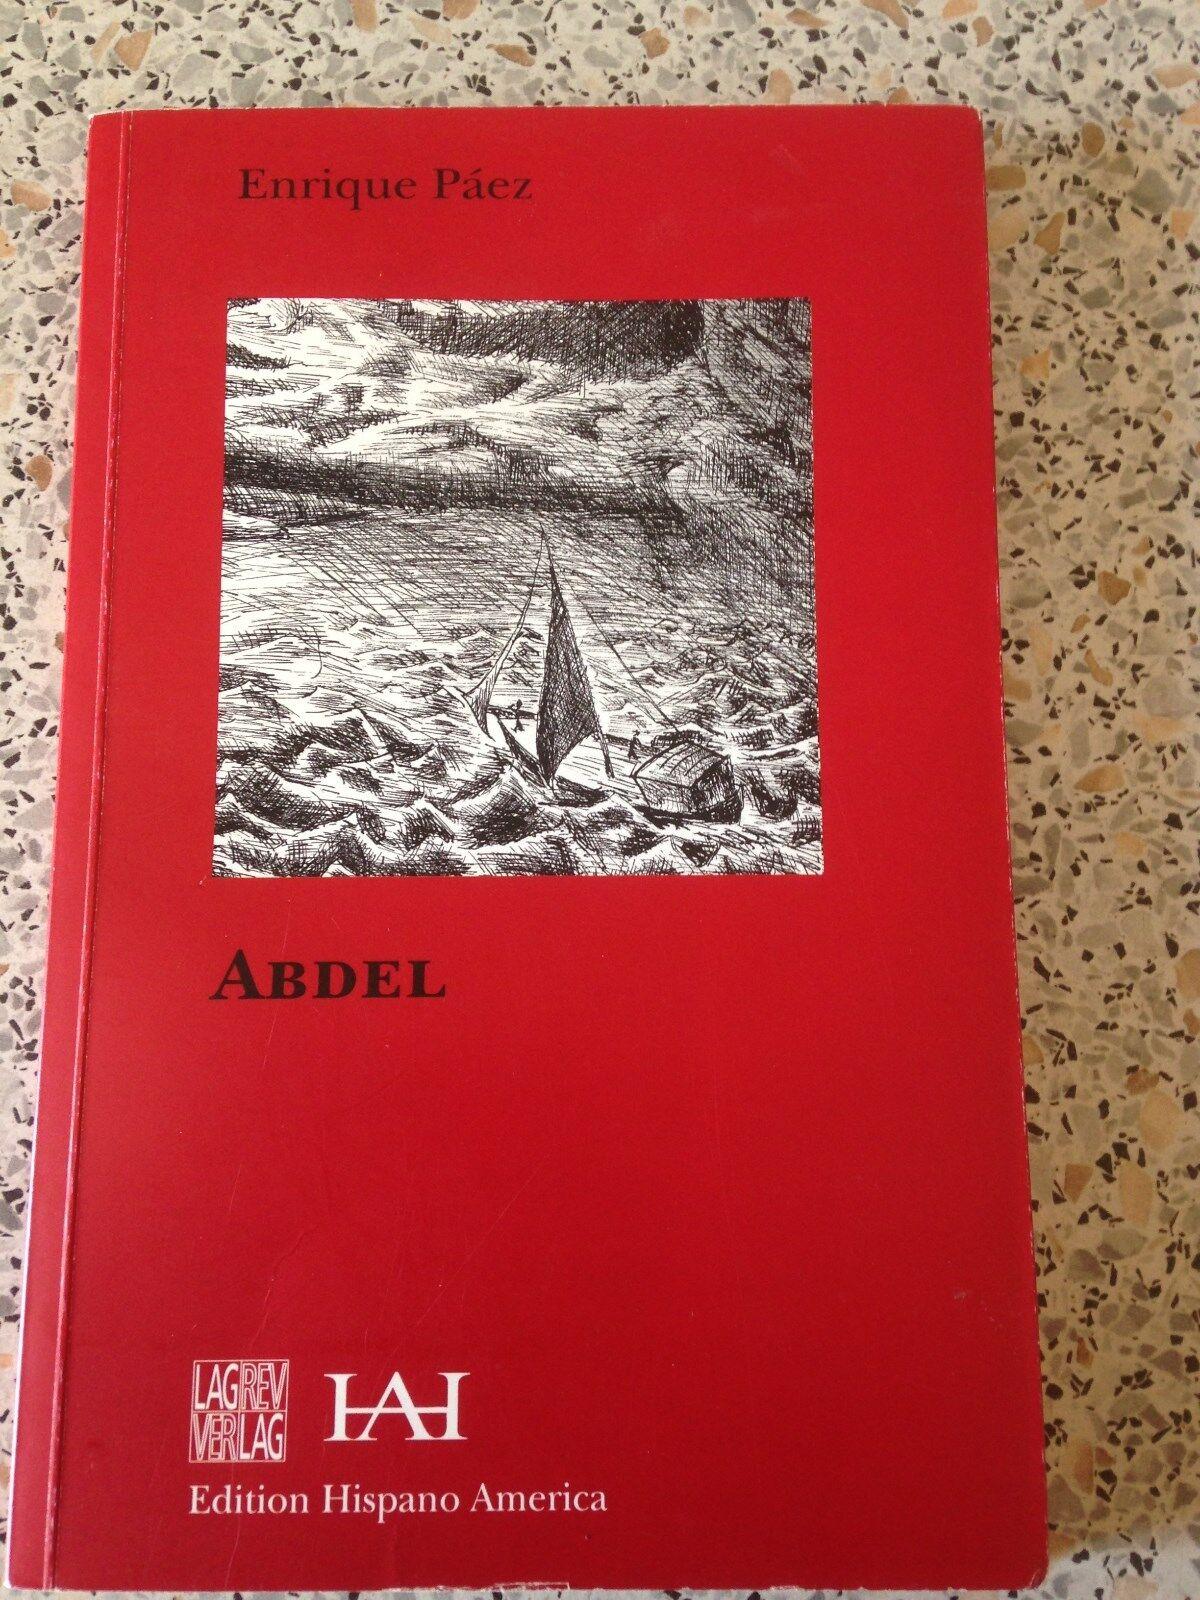 Abdel von Enrique Páez auf Deutsch, NEU!!!!